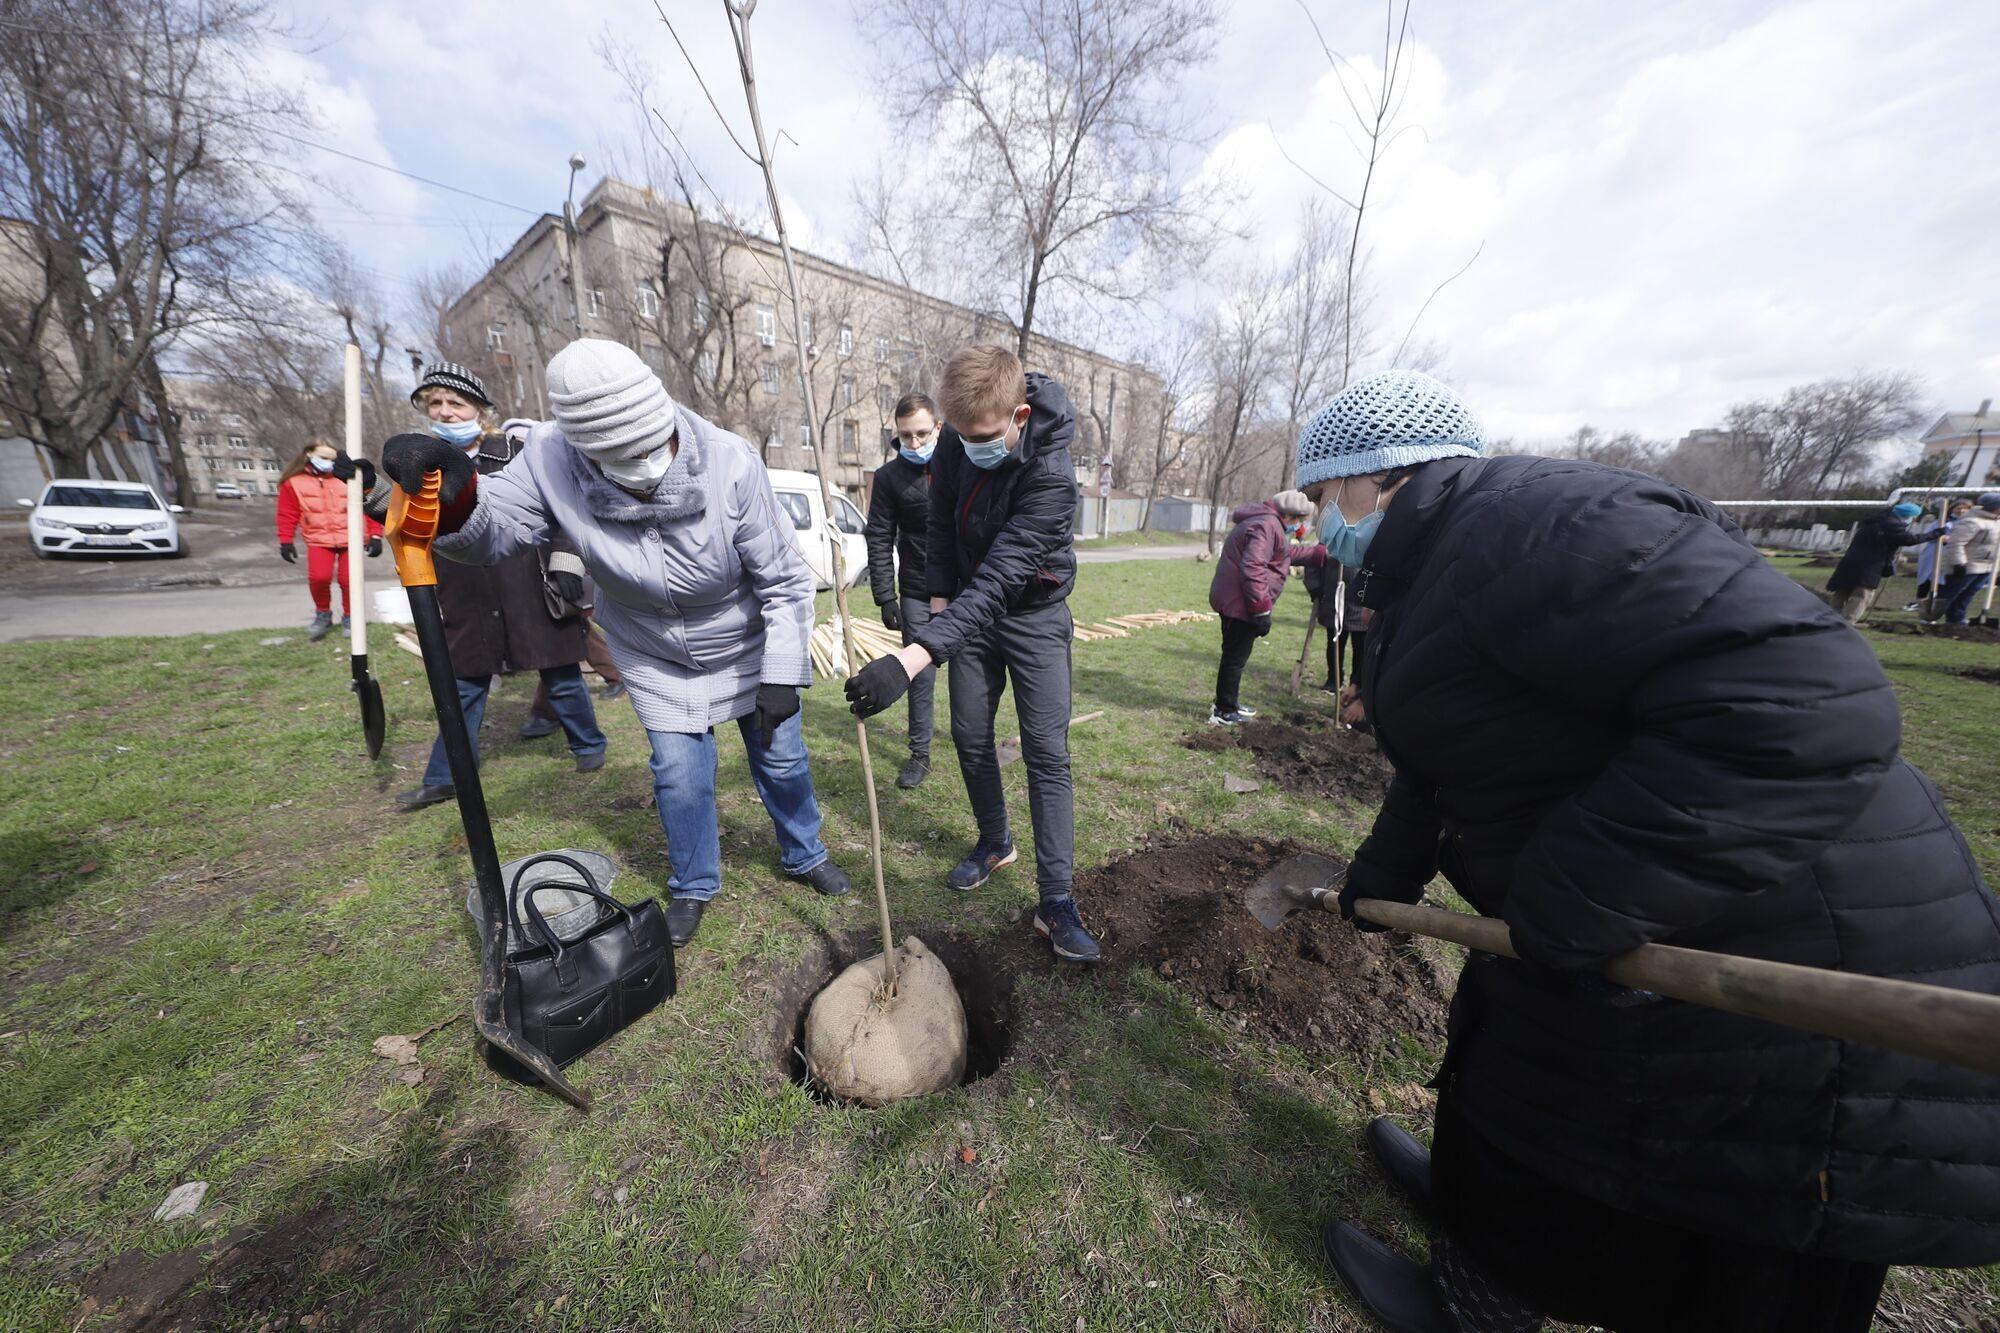 Всего в ходе проведения акции #Дніпро_квітучий высадят более 10 тыс. деревьев и кустов